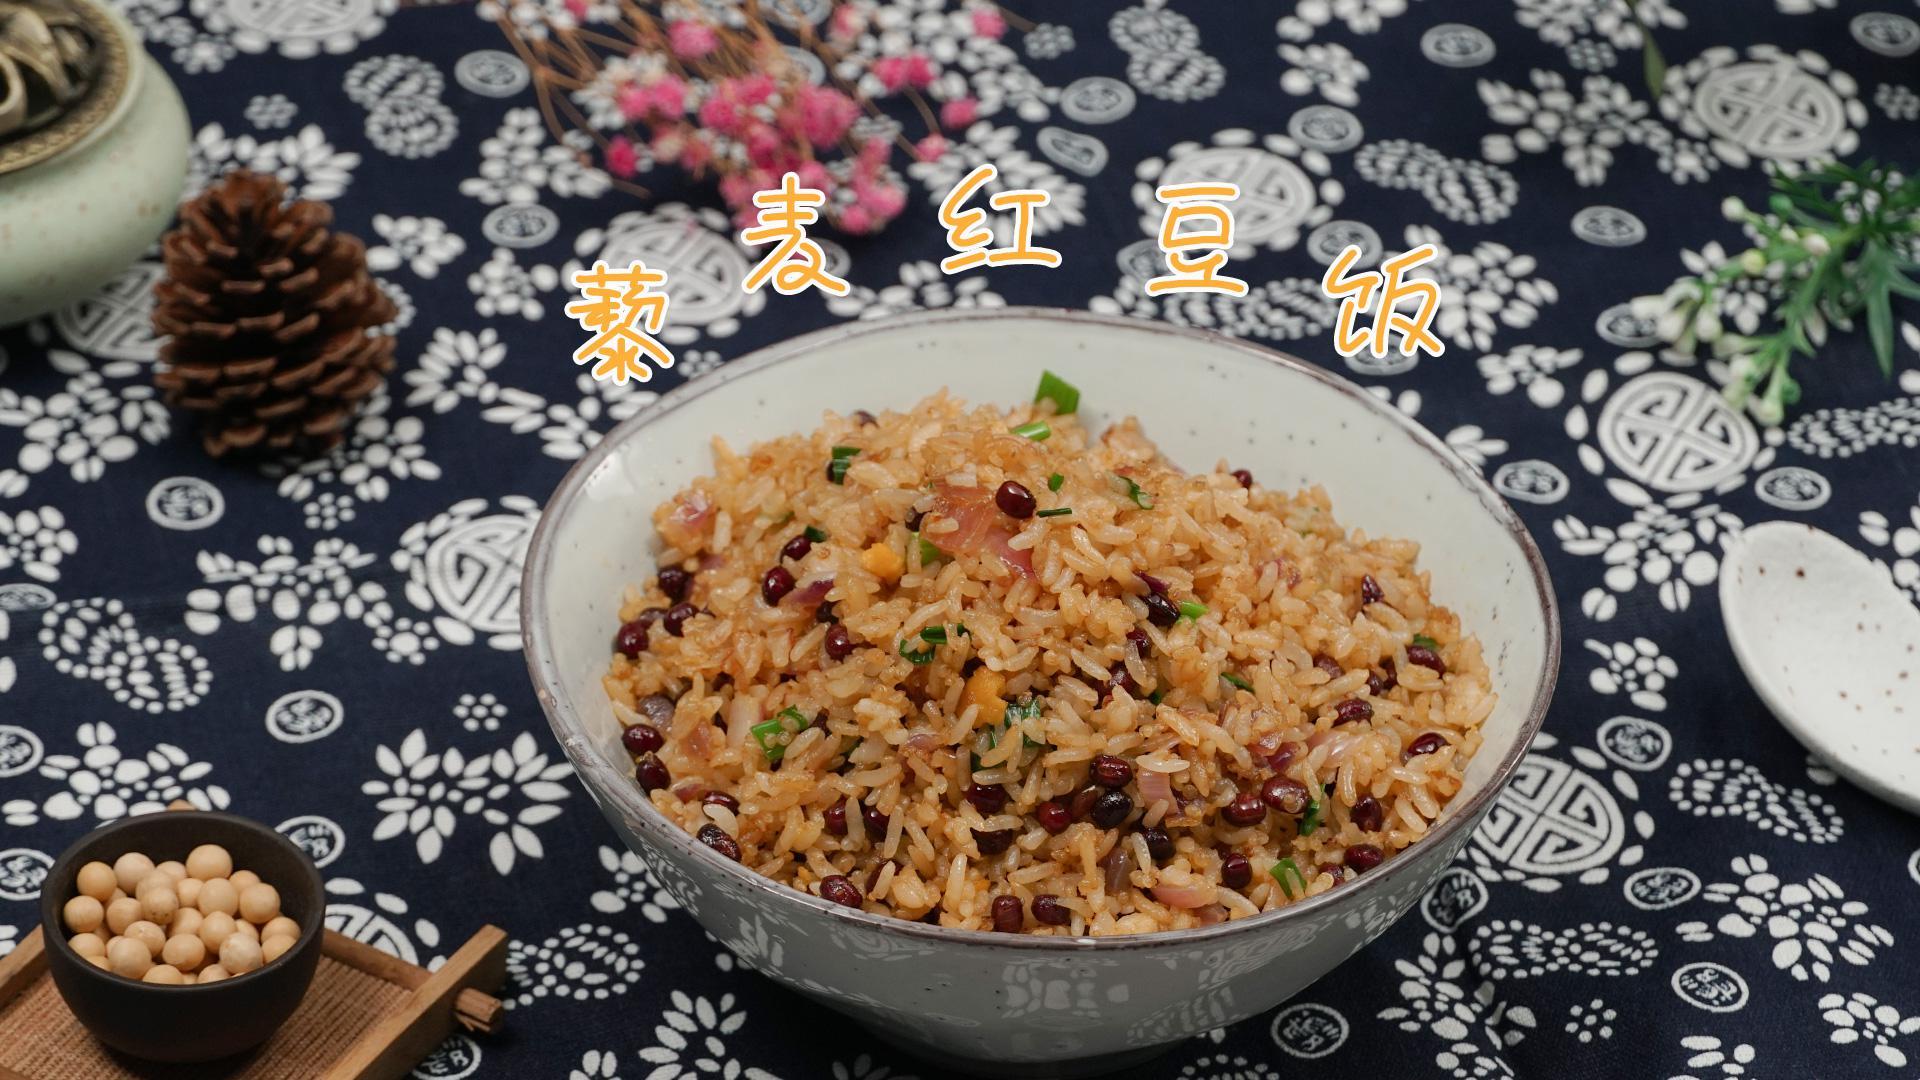 低脂饱腹,素食主义者的藜麦红豆饭